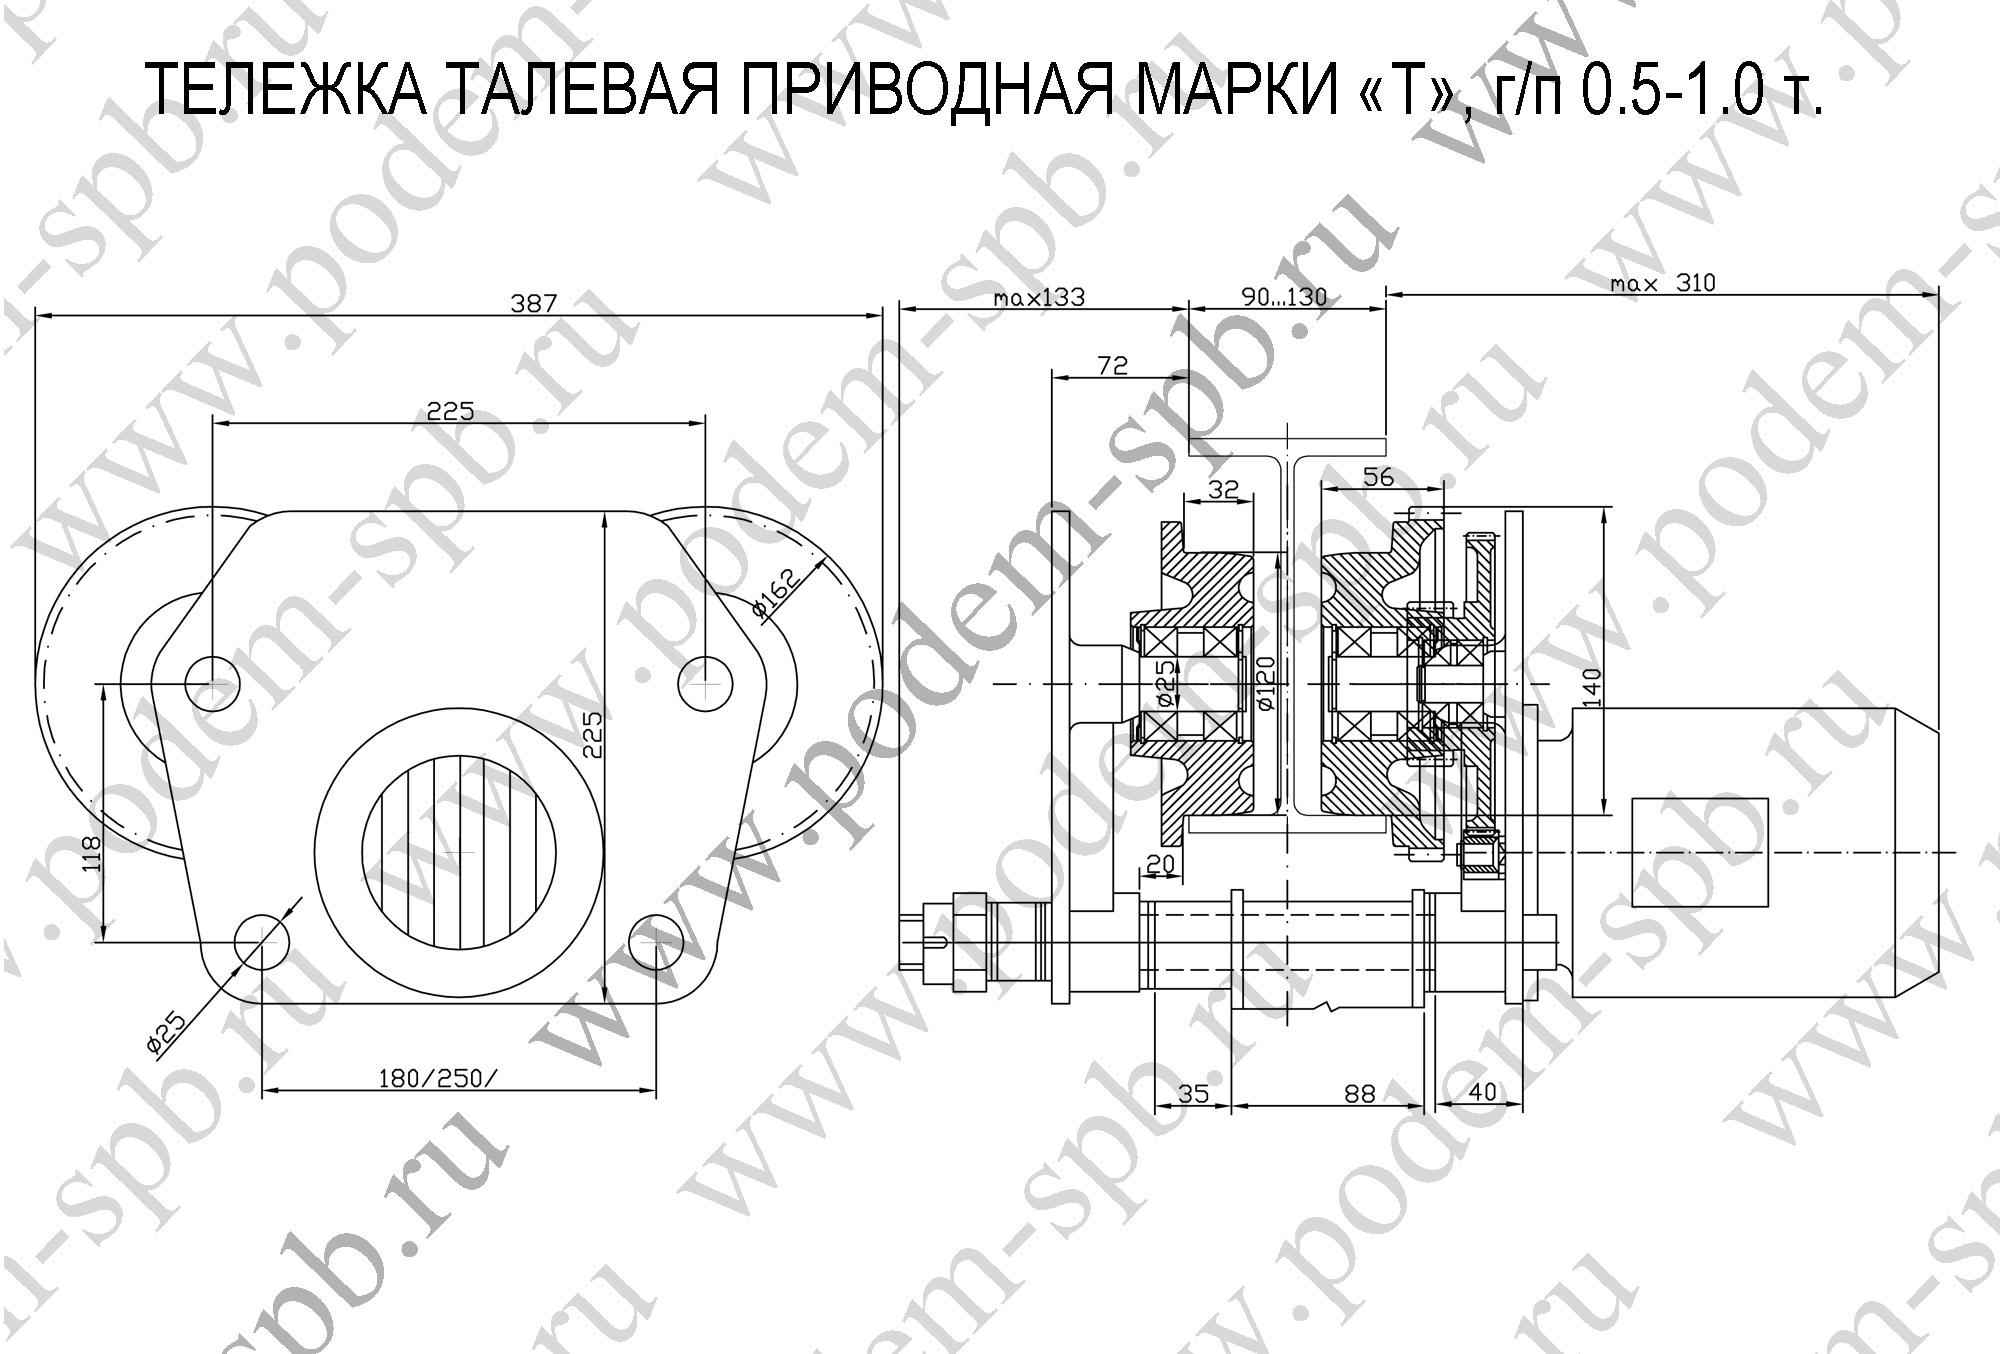 Тележка талевая приводная жесткая г/п 0.5-1.0 т.